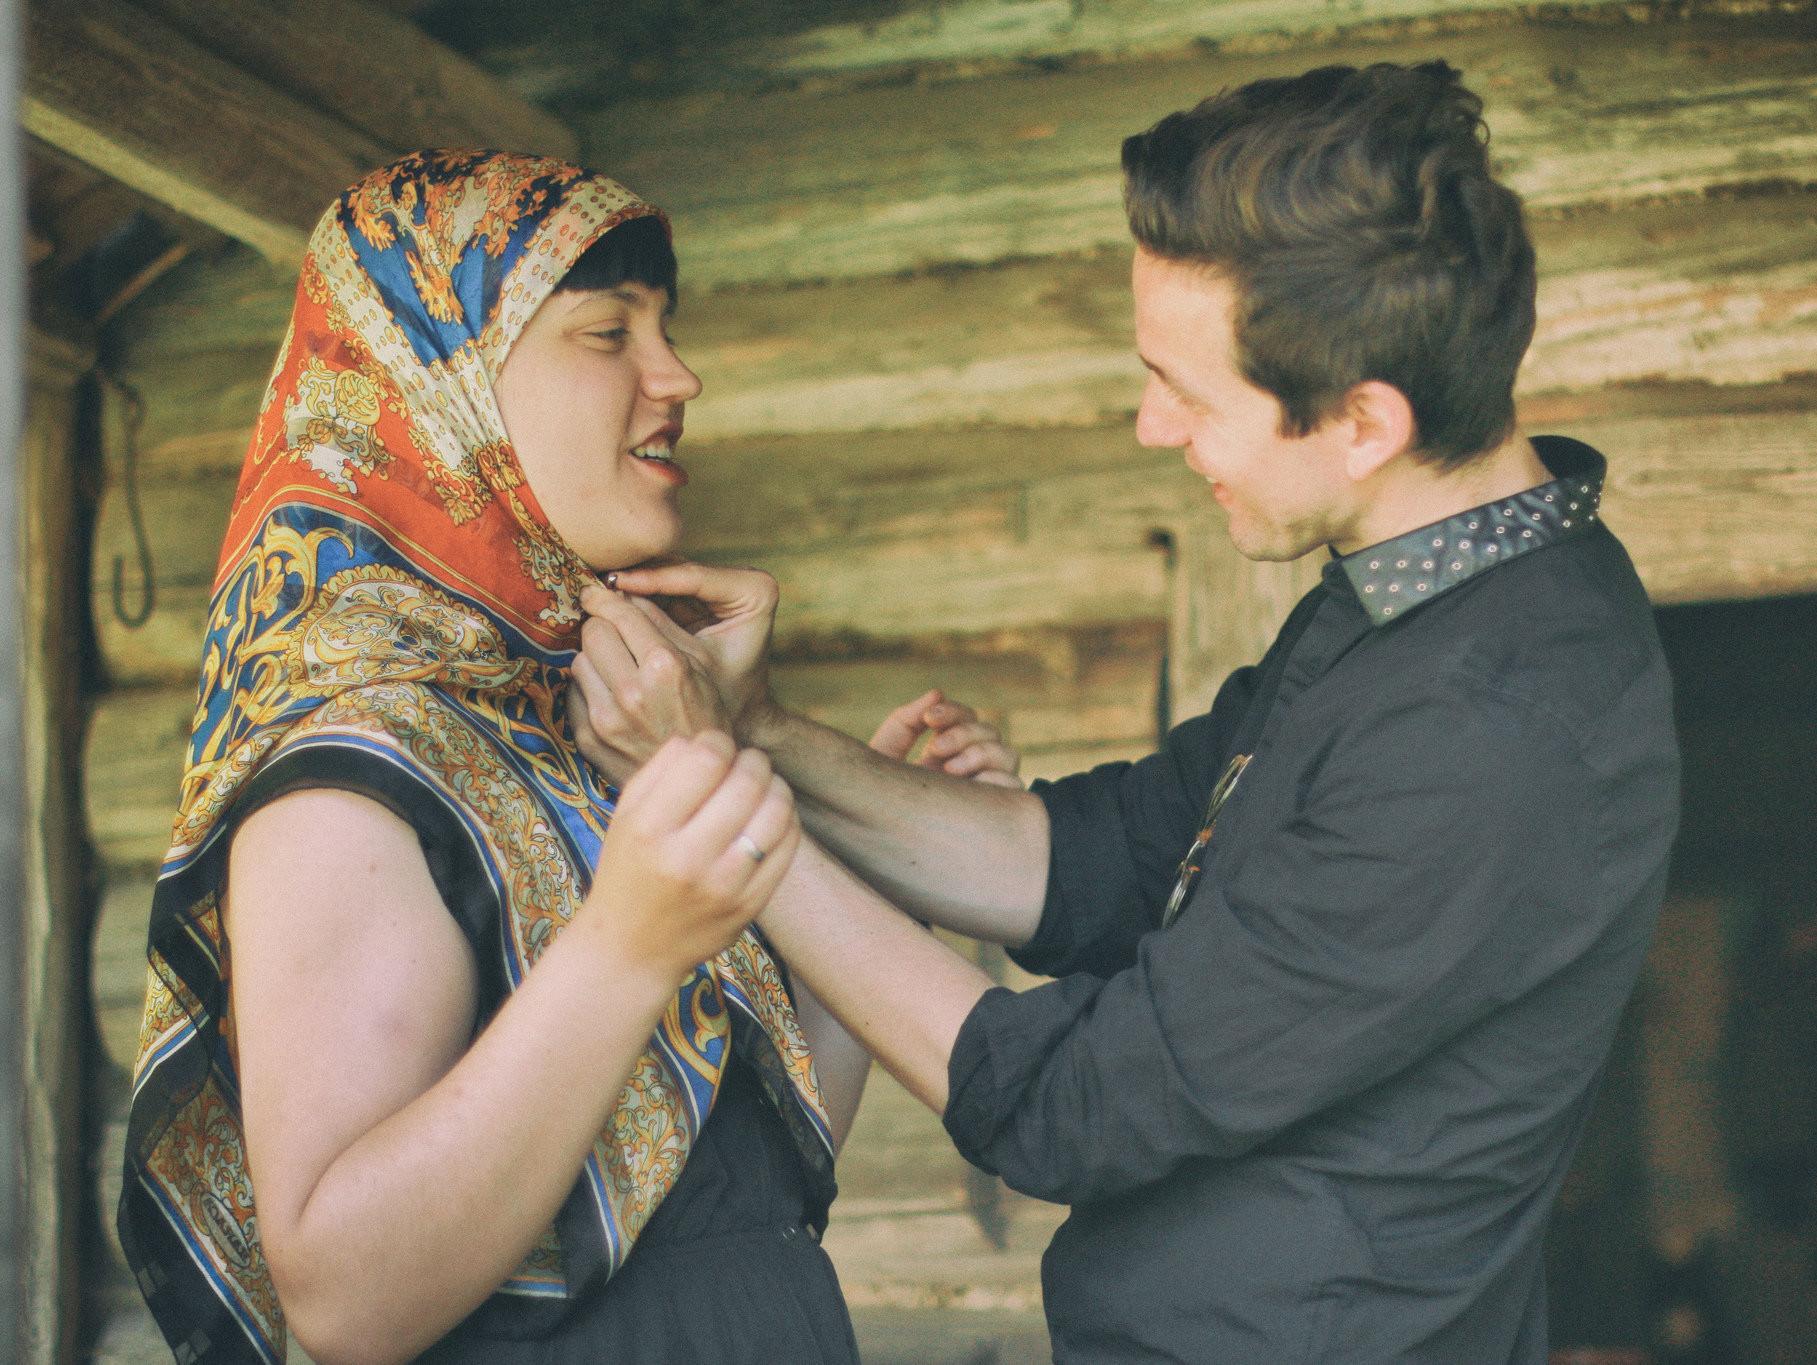 Andreas Kalkun ja Rebeka Põldsam vestlevad armastusest ja seksuaalsusest  eesti elulugudes . 4c0030667393